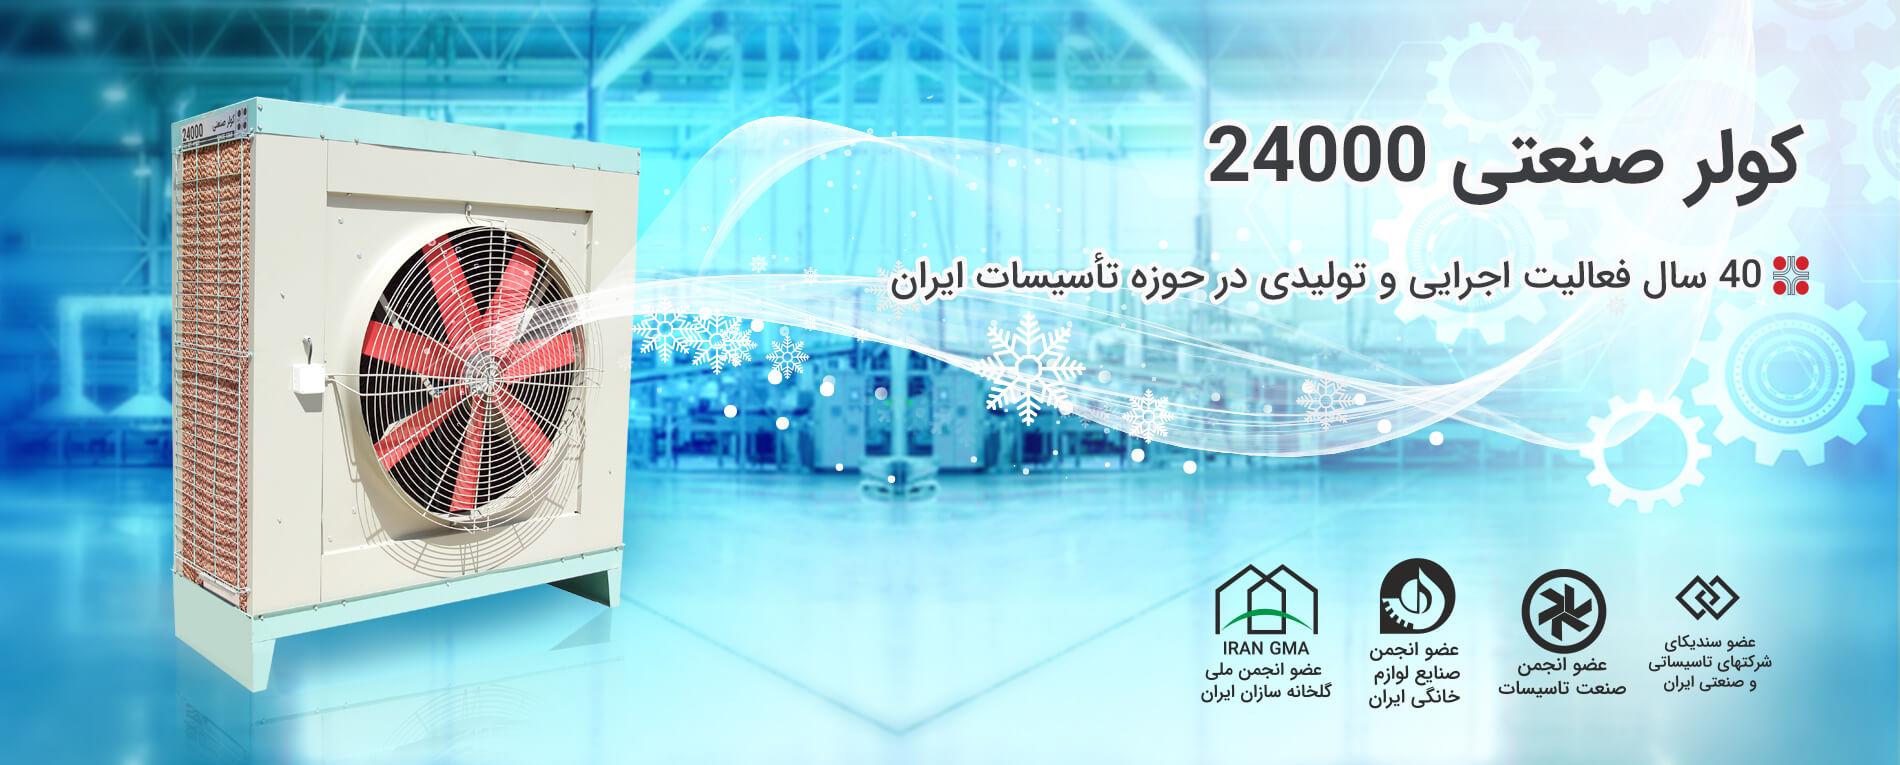 گرماتاب | گرمایش تابشی | بنیانگذار گرمایش تابشی در ایران 17